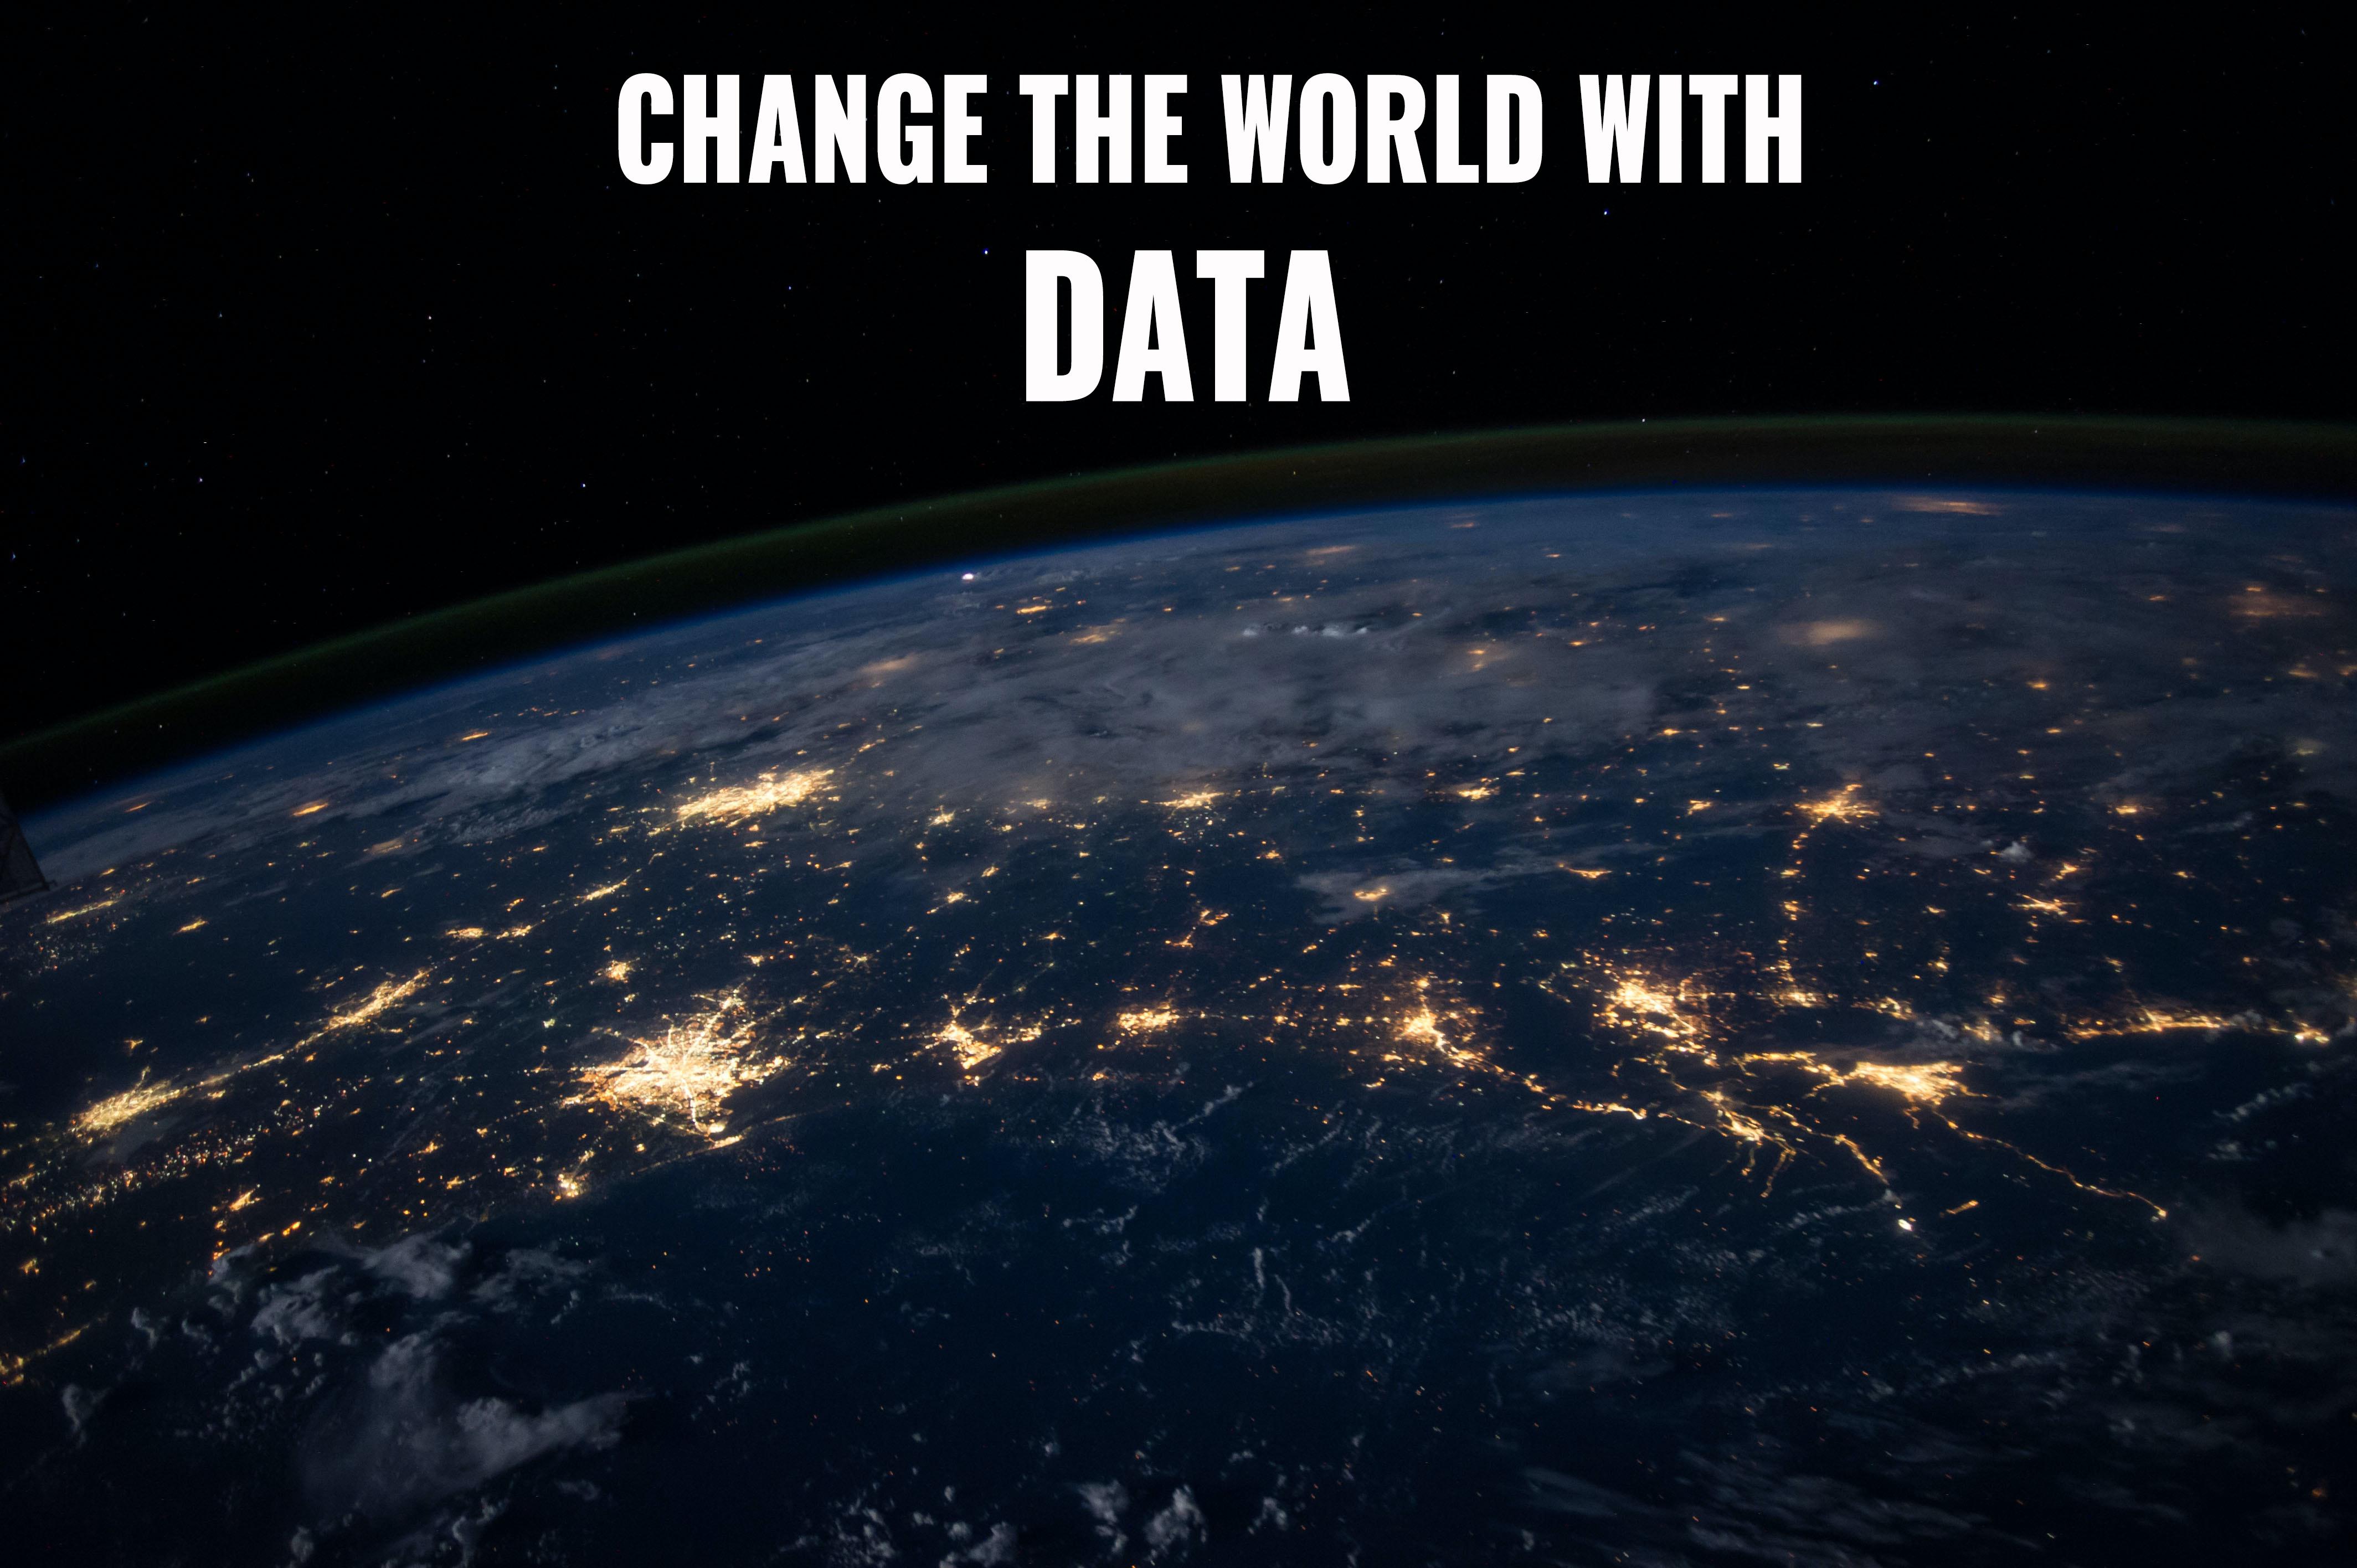 change the world with data. sas data analytics. data analytics. sas advanced data analytics.